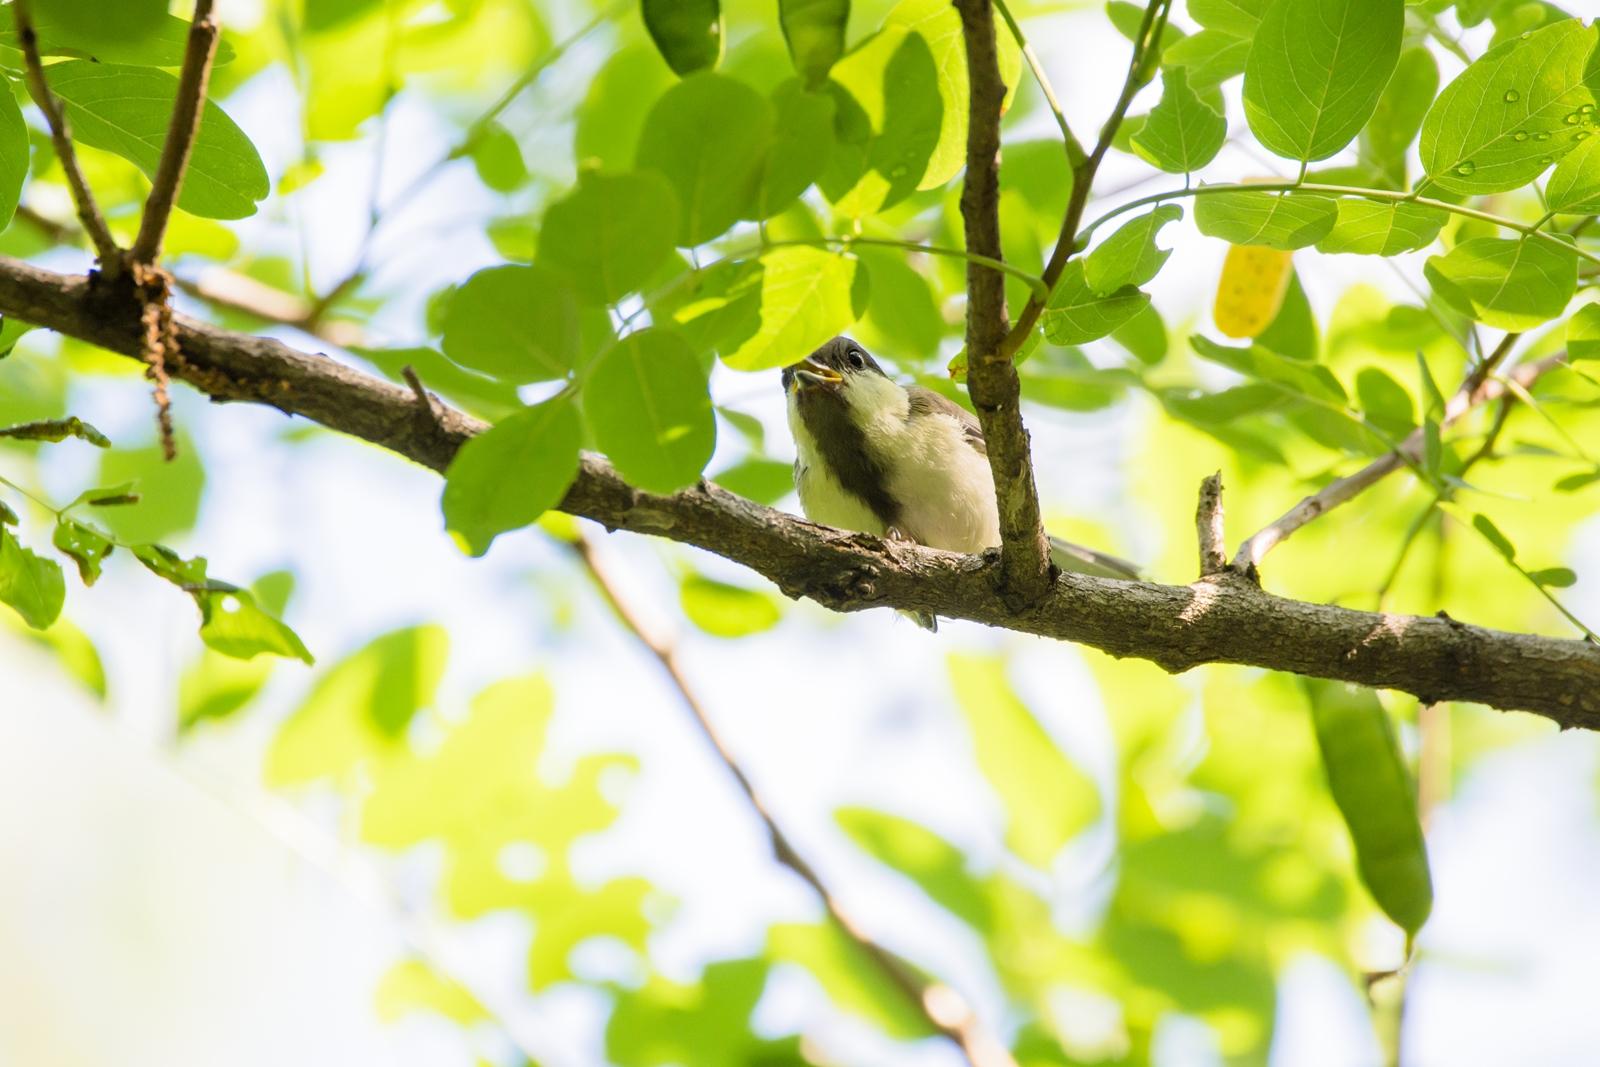 Photo: くすくす Chuckle.  どこからか 笑い声が聞こえた気がした あのにんげんは うろうろしながら なにをしているんだろう くすくす  Japanese Tit. (シジュウカラ)  #birdphotography #birds  #cooljapan #kawaii  #nikon #sigma   Nikon D7200 SIGMA 150-600mm F5-6.3 DG OS HSM Contemporary  ・小鳥の詩朗読 /poetry reading https://youtu.be/pehqYZw9cqI?list=PL2YtHGm0-R3qVsaqvQe9OYdJFCkI98wzF